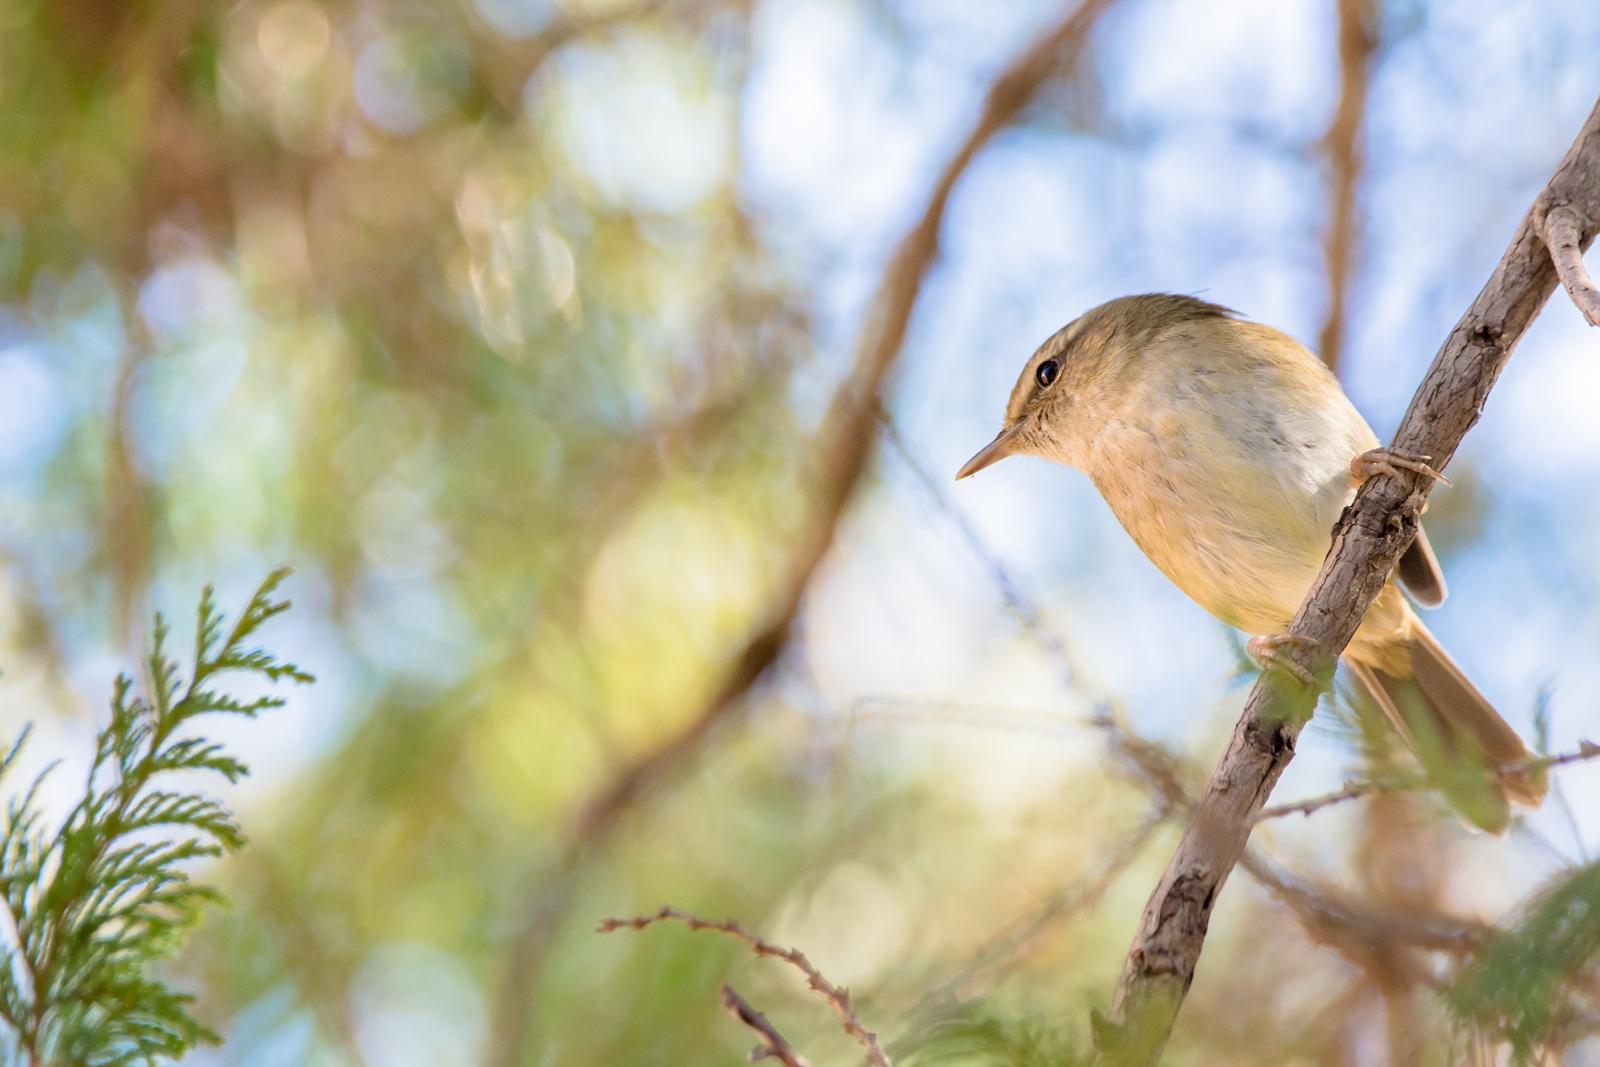 Photo: 「出番を待つ」 / Wait for the spring.  近づいている 出番の時 ドキドキわくわく 最初はへたっぴかもだけど 精いっぱいに春を歌おう  Japanese Bush Warbler. (ウグイス)  Nikon D7200 SIGMA 150-600mm F5-6.3 DG OS HSM Contemporary  #birdphotography #birds #kawaii #小鳥 #nikon #sigma #小鳥グラファー  ( http://takafumiooshio.com/archives/998 )